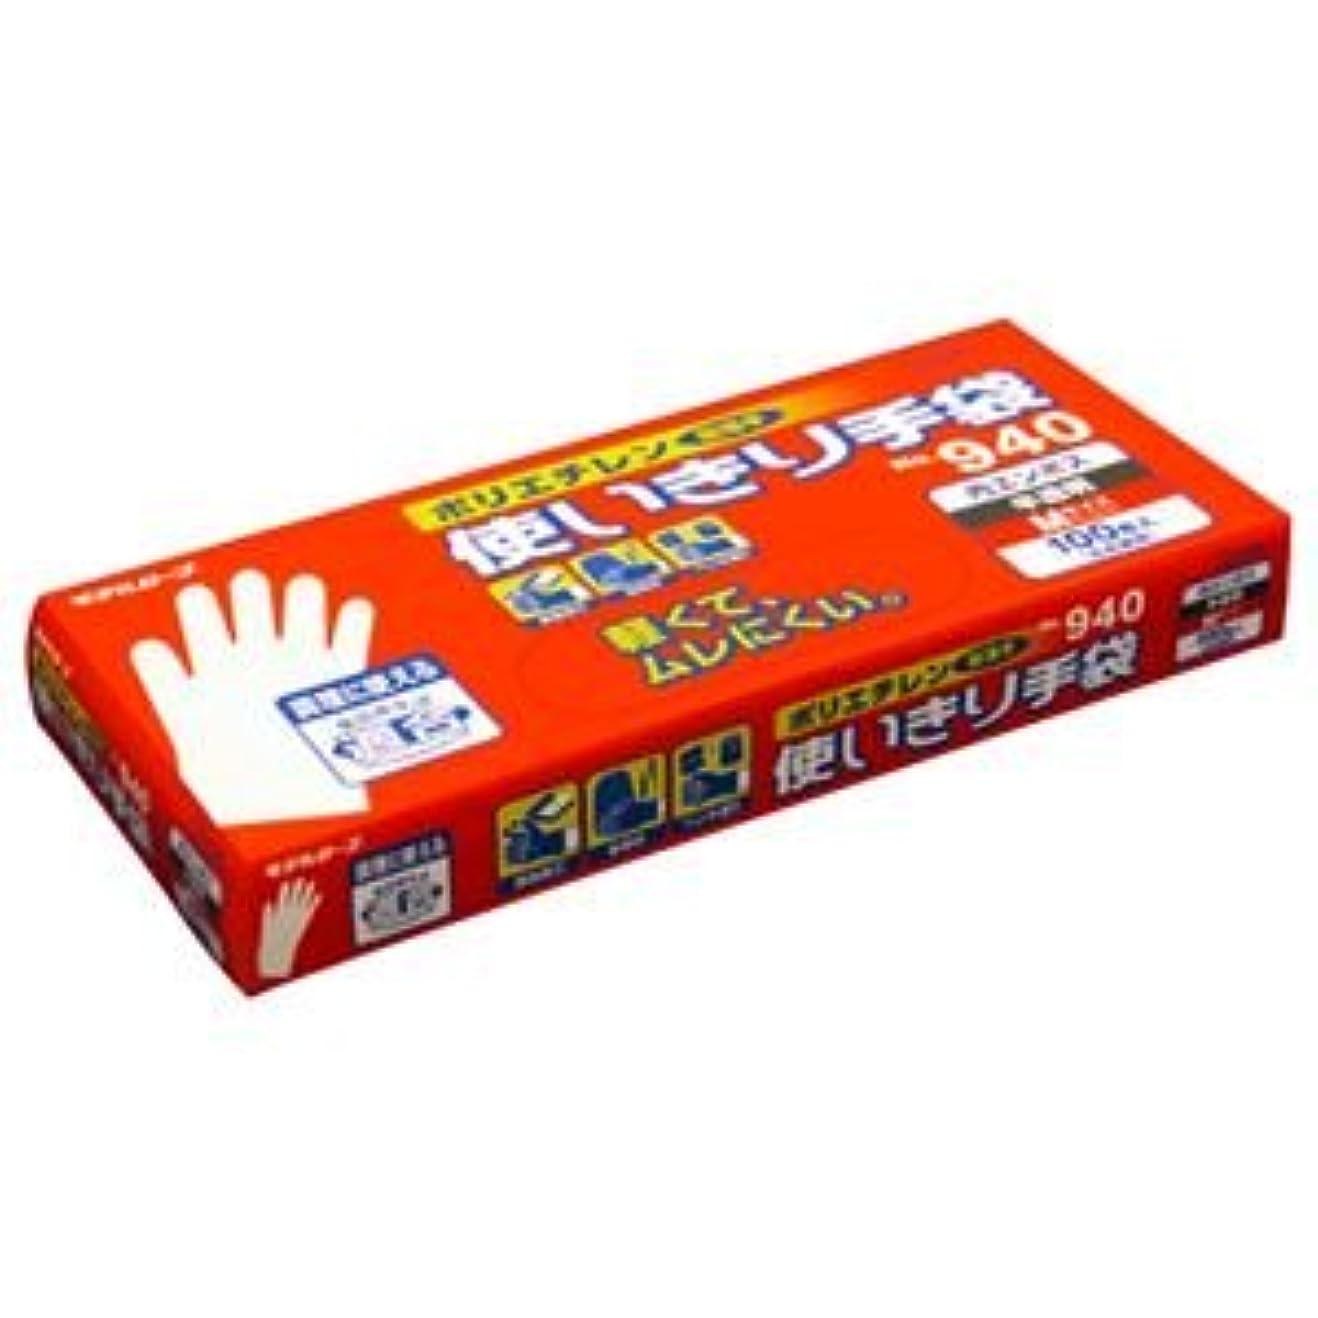 (まとめ) エステー No.940 ポリエチレン使いきり手袋(内エンボス) M 1箱(100枚) 【×10セット】 [簡易パッケージ品]